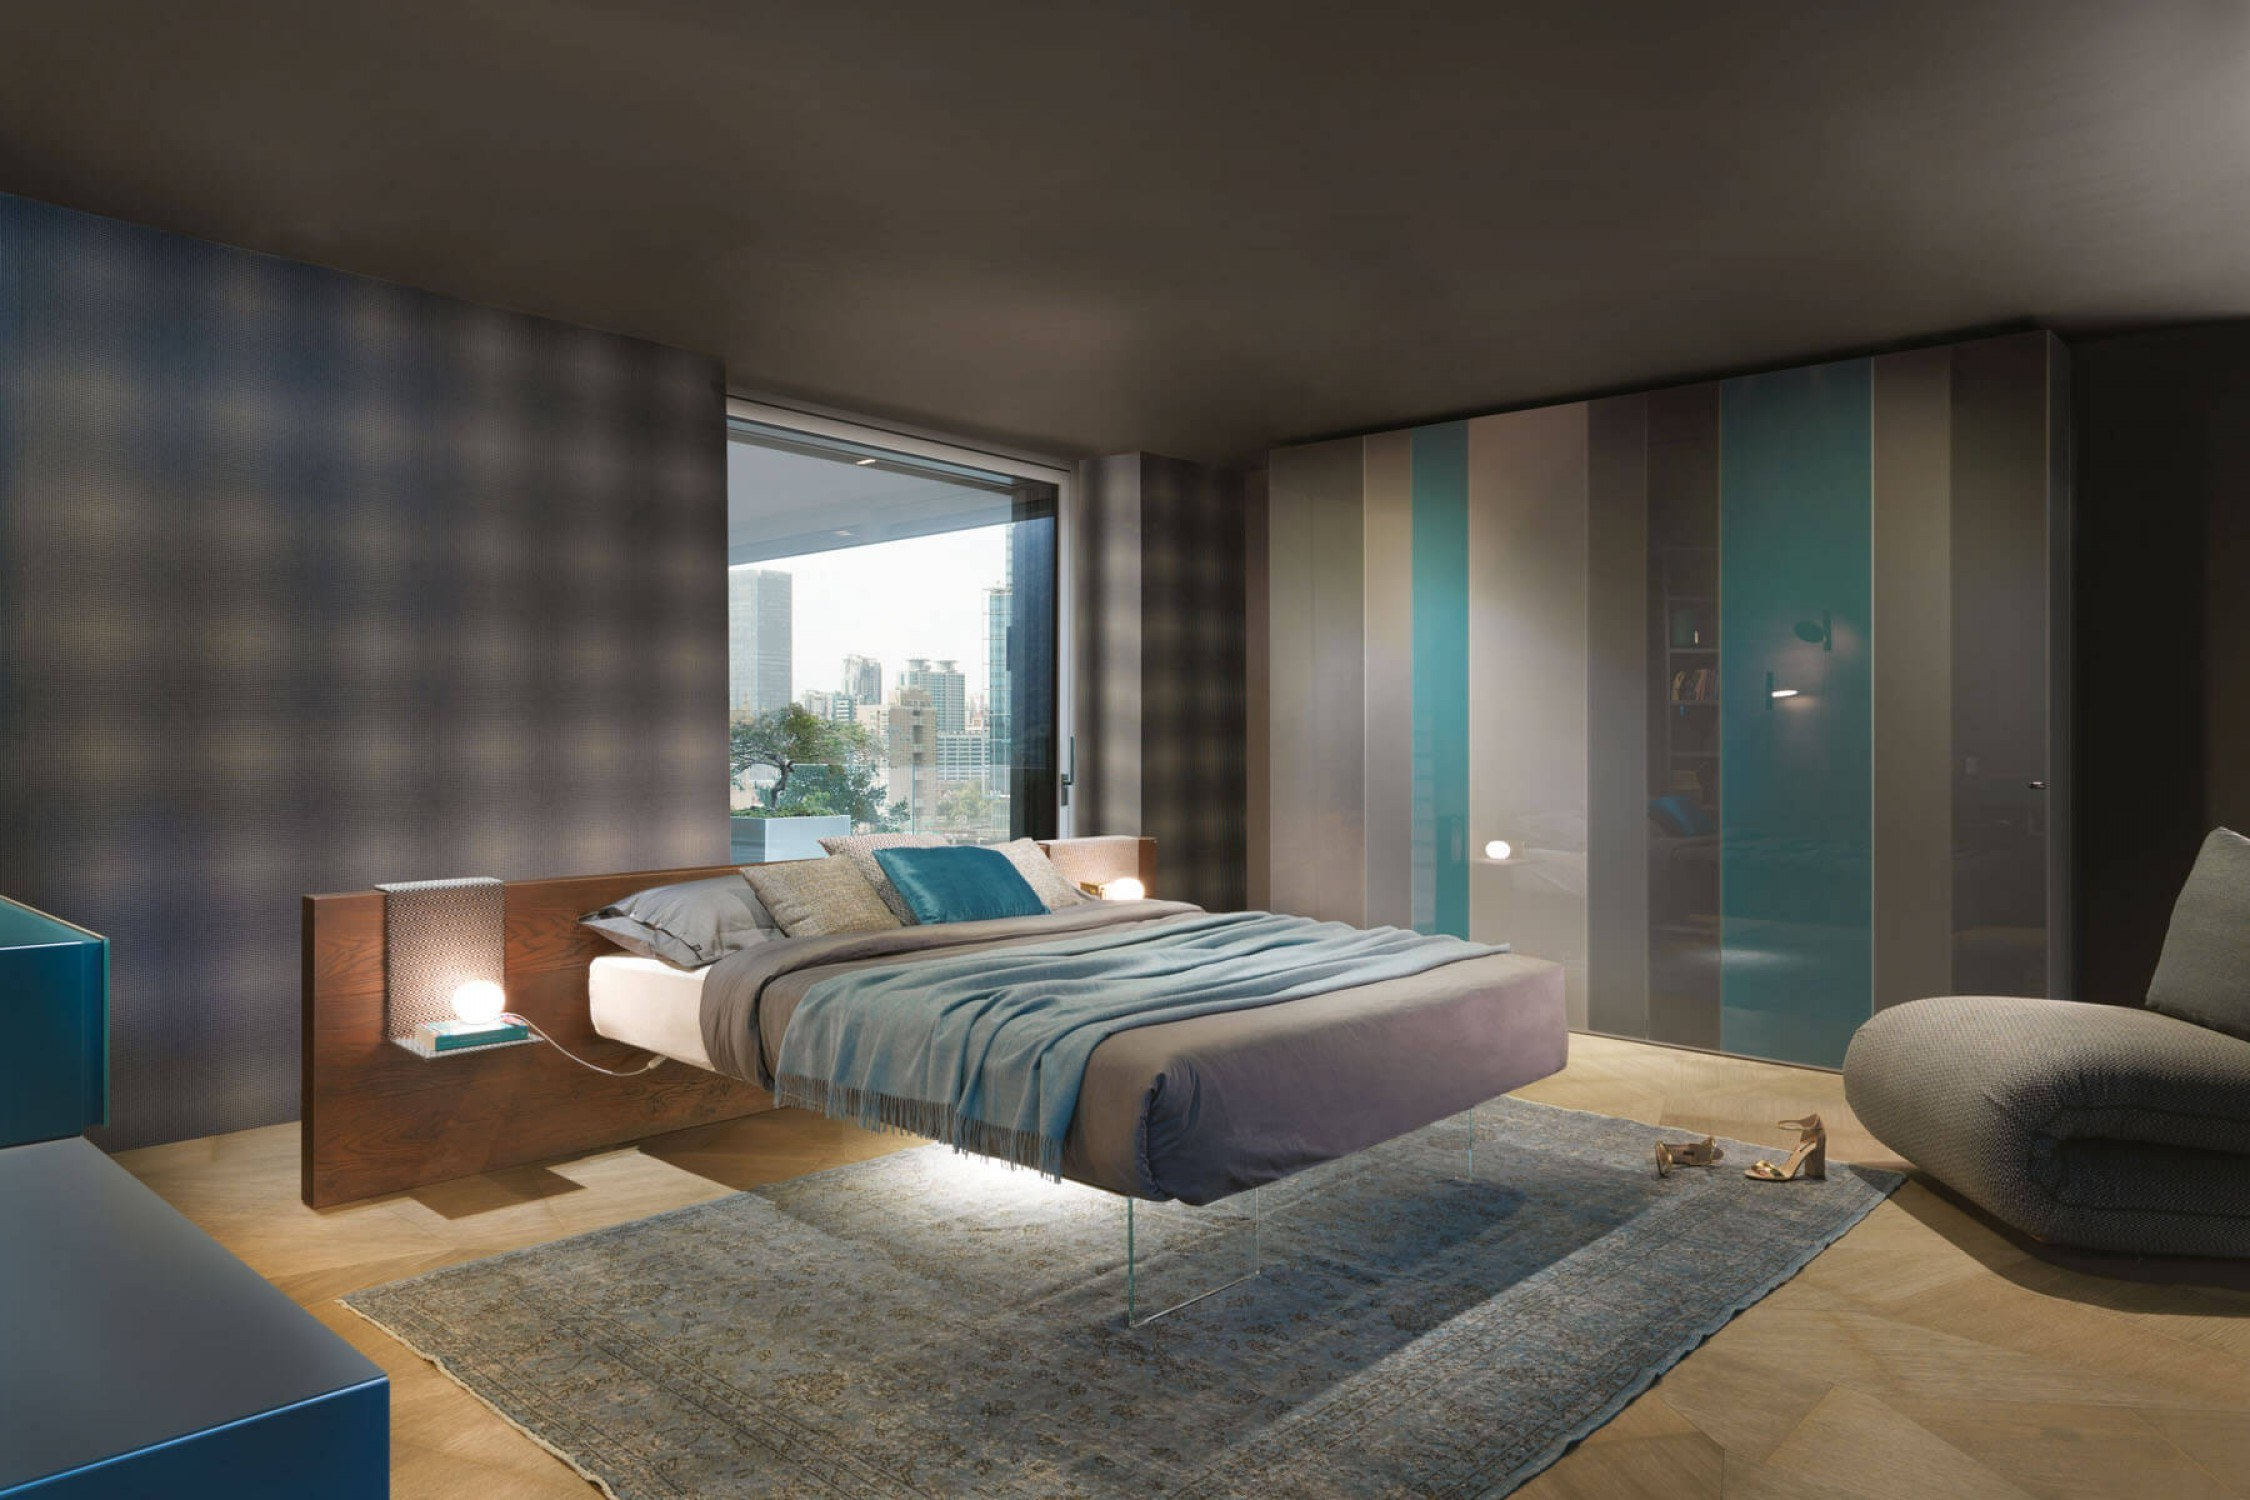 Mẫu thiết kế phòng ngủ này khiến ai nấy đều rất thích thú với chiếc giường như được